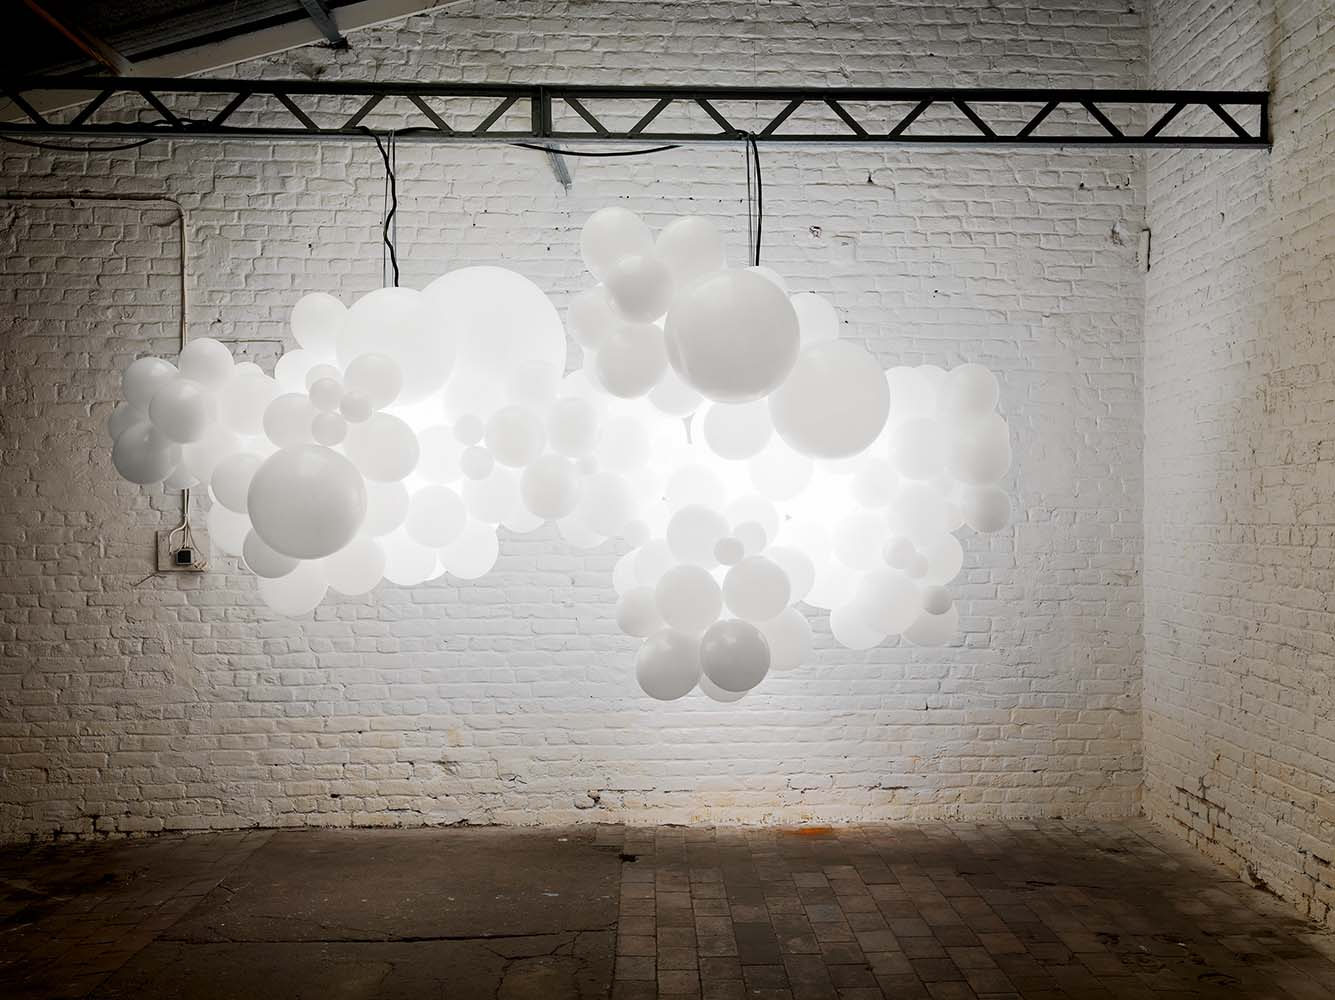 Cloud Computing by Charles Petillon